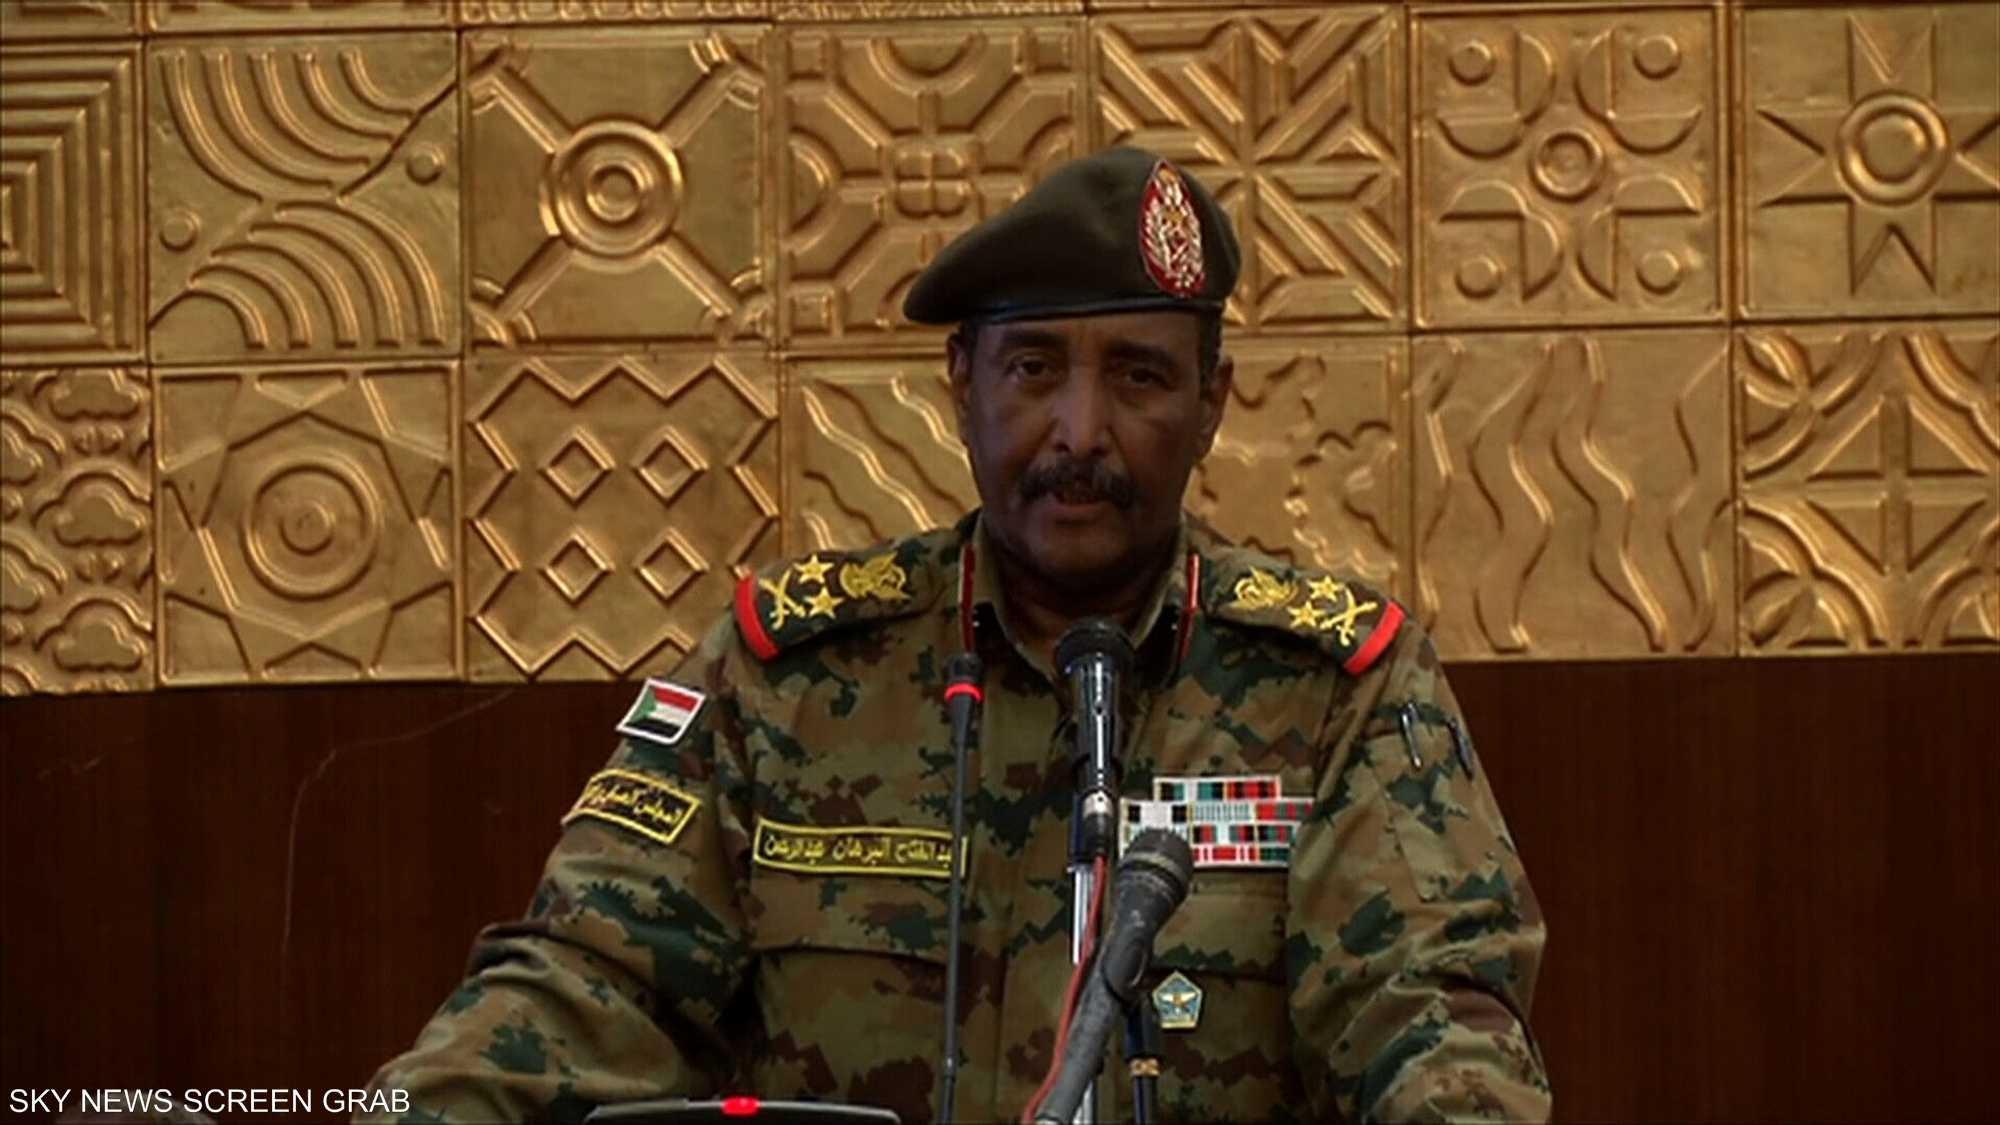 البرهان يؤكد استعداد المجلس للتفاوض مع جميع القوى السياسية